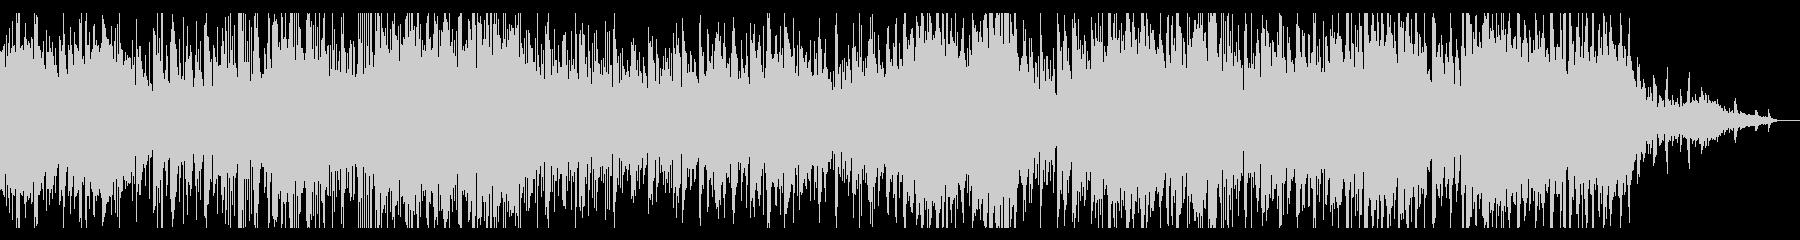 無機質なアンビエントIDMの未再生の波形